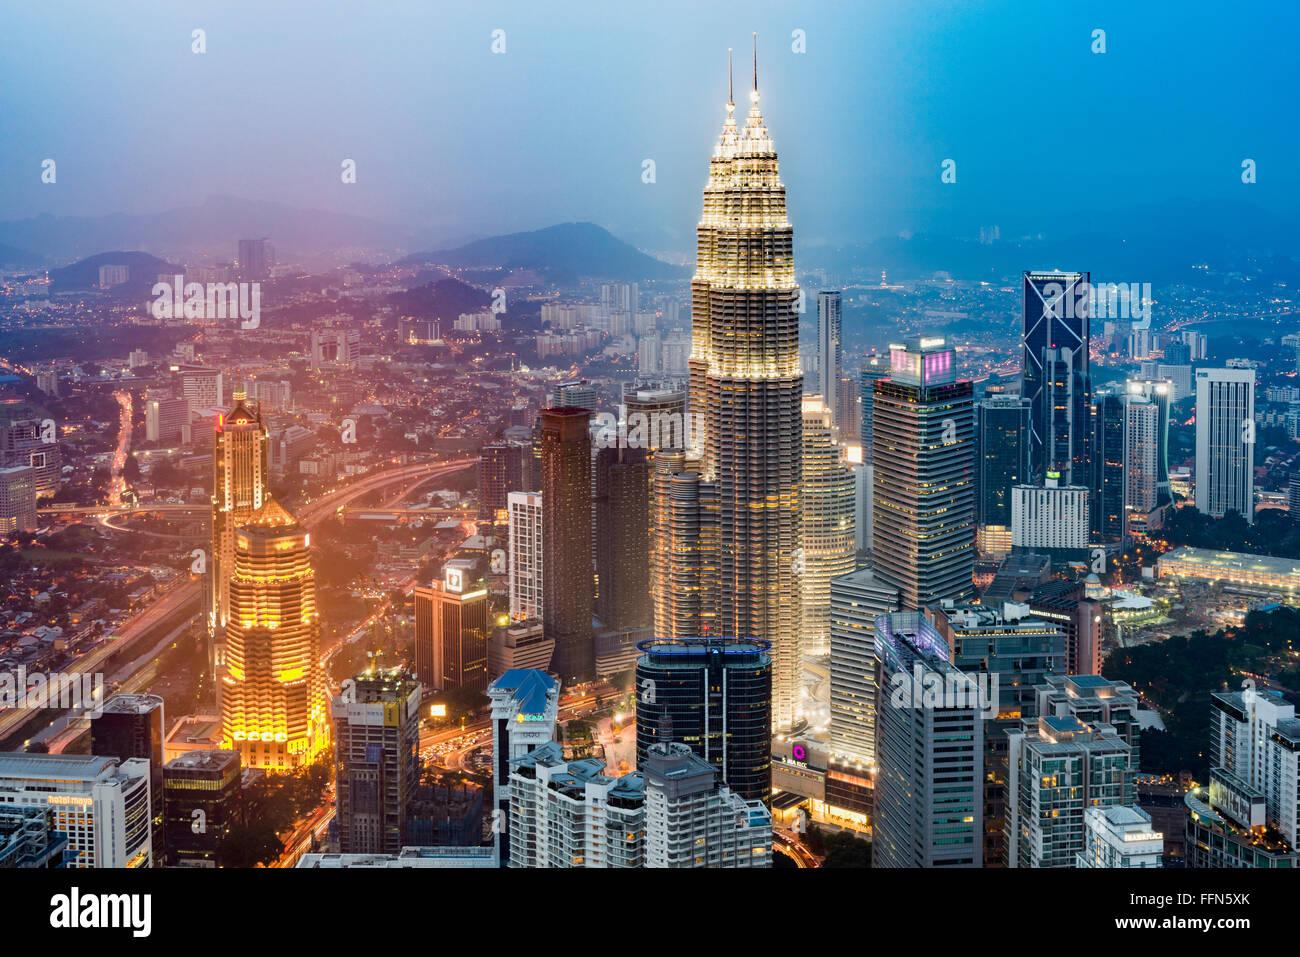 Vista aérea de la ciudad de Kuala Lumpur con las Torres Petronas, Malasia, Sudeste de Asia durante la noche Imagen De Stock